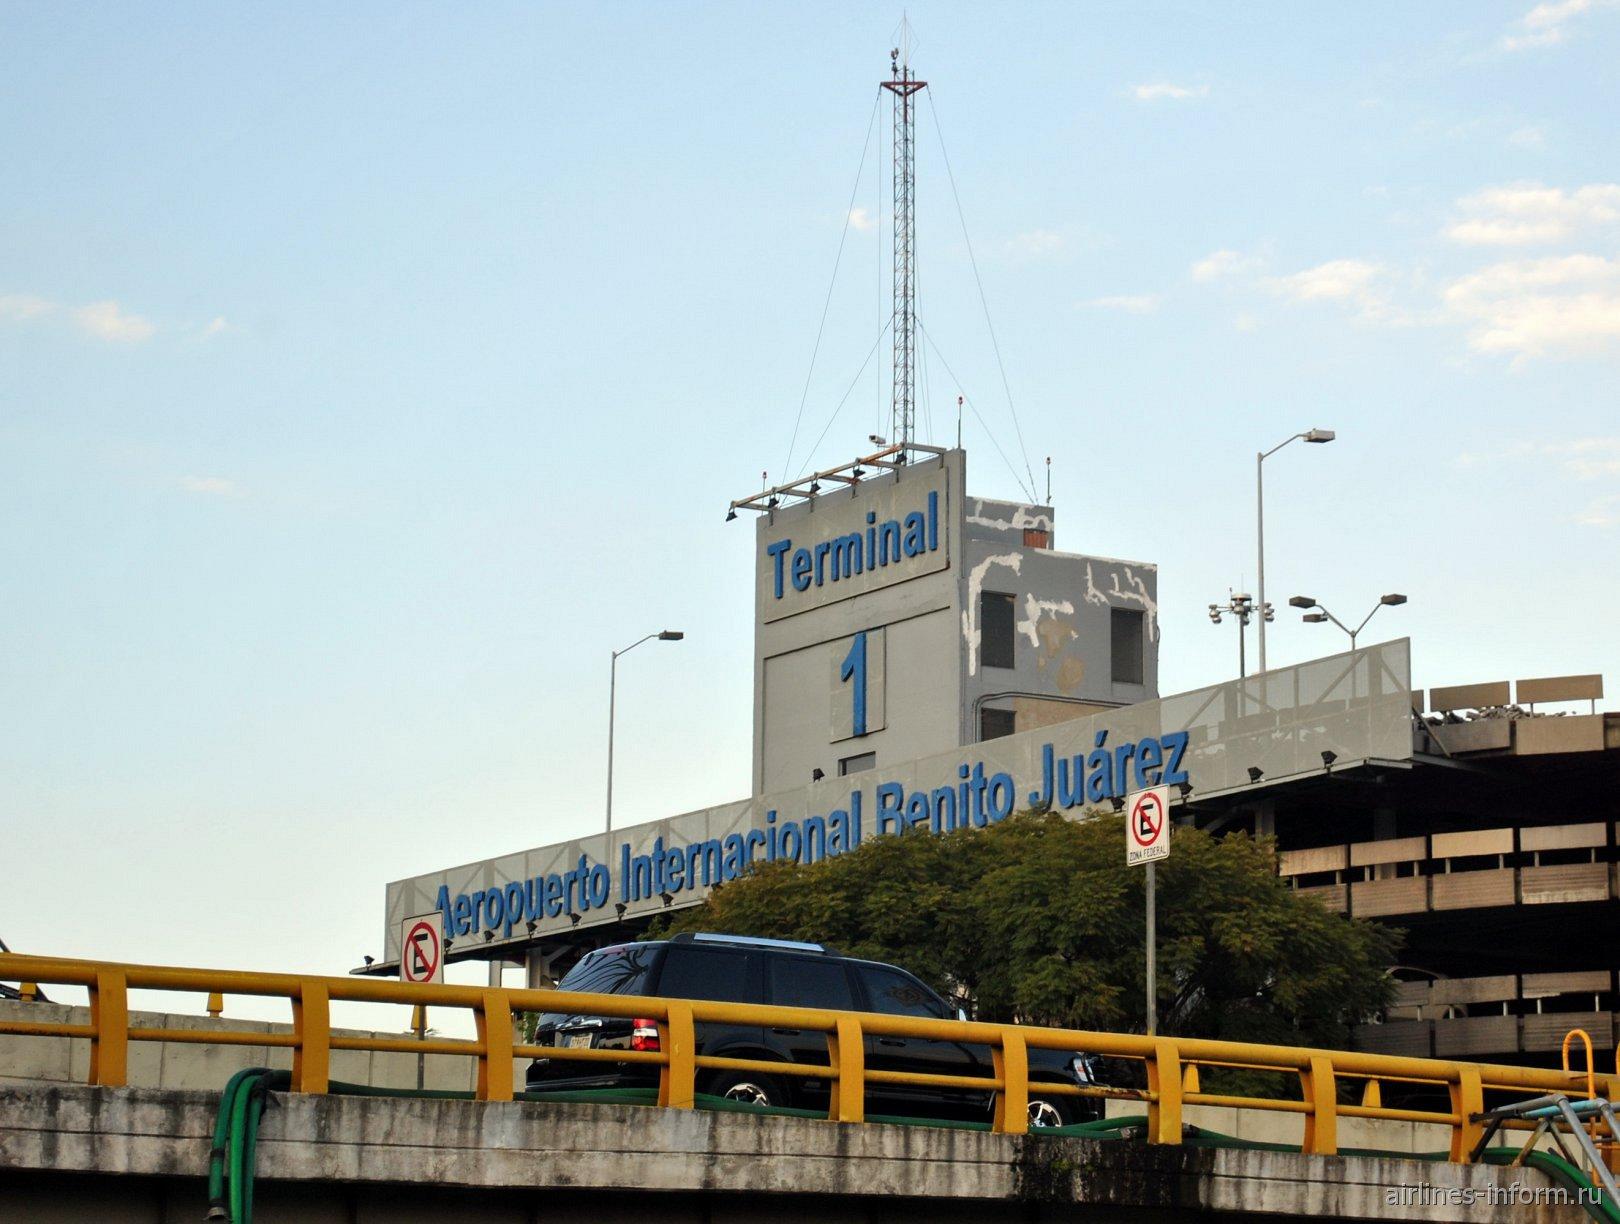 Многоуровневая парковка у терминала Т1 аэропорта Мехико Бенито Хуарес